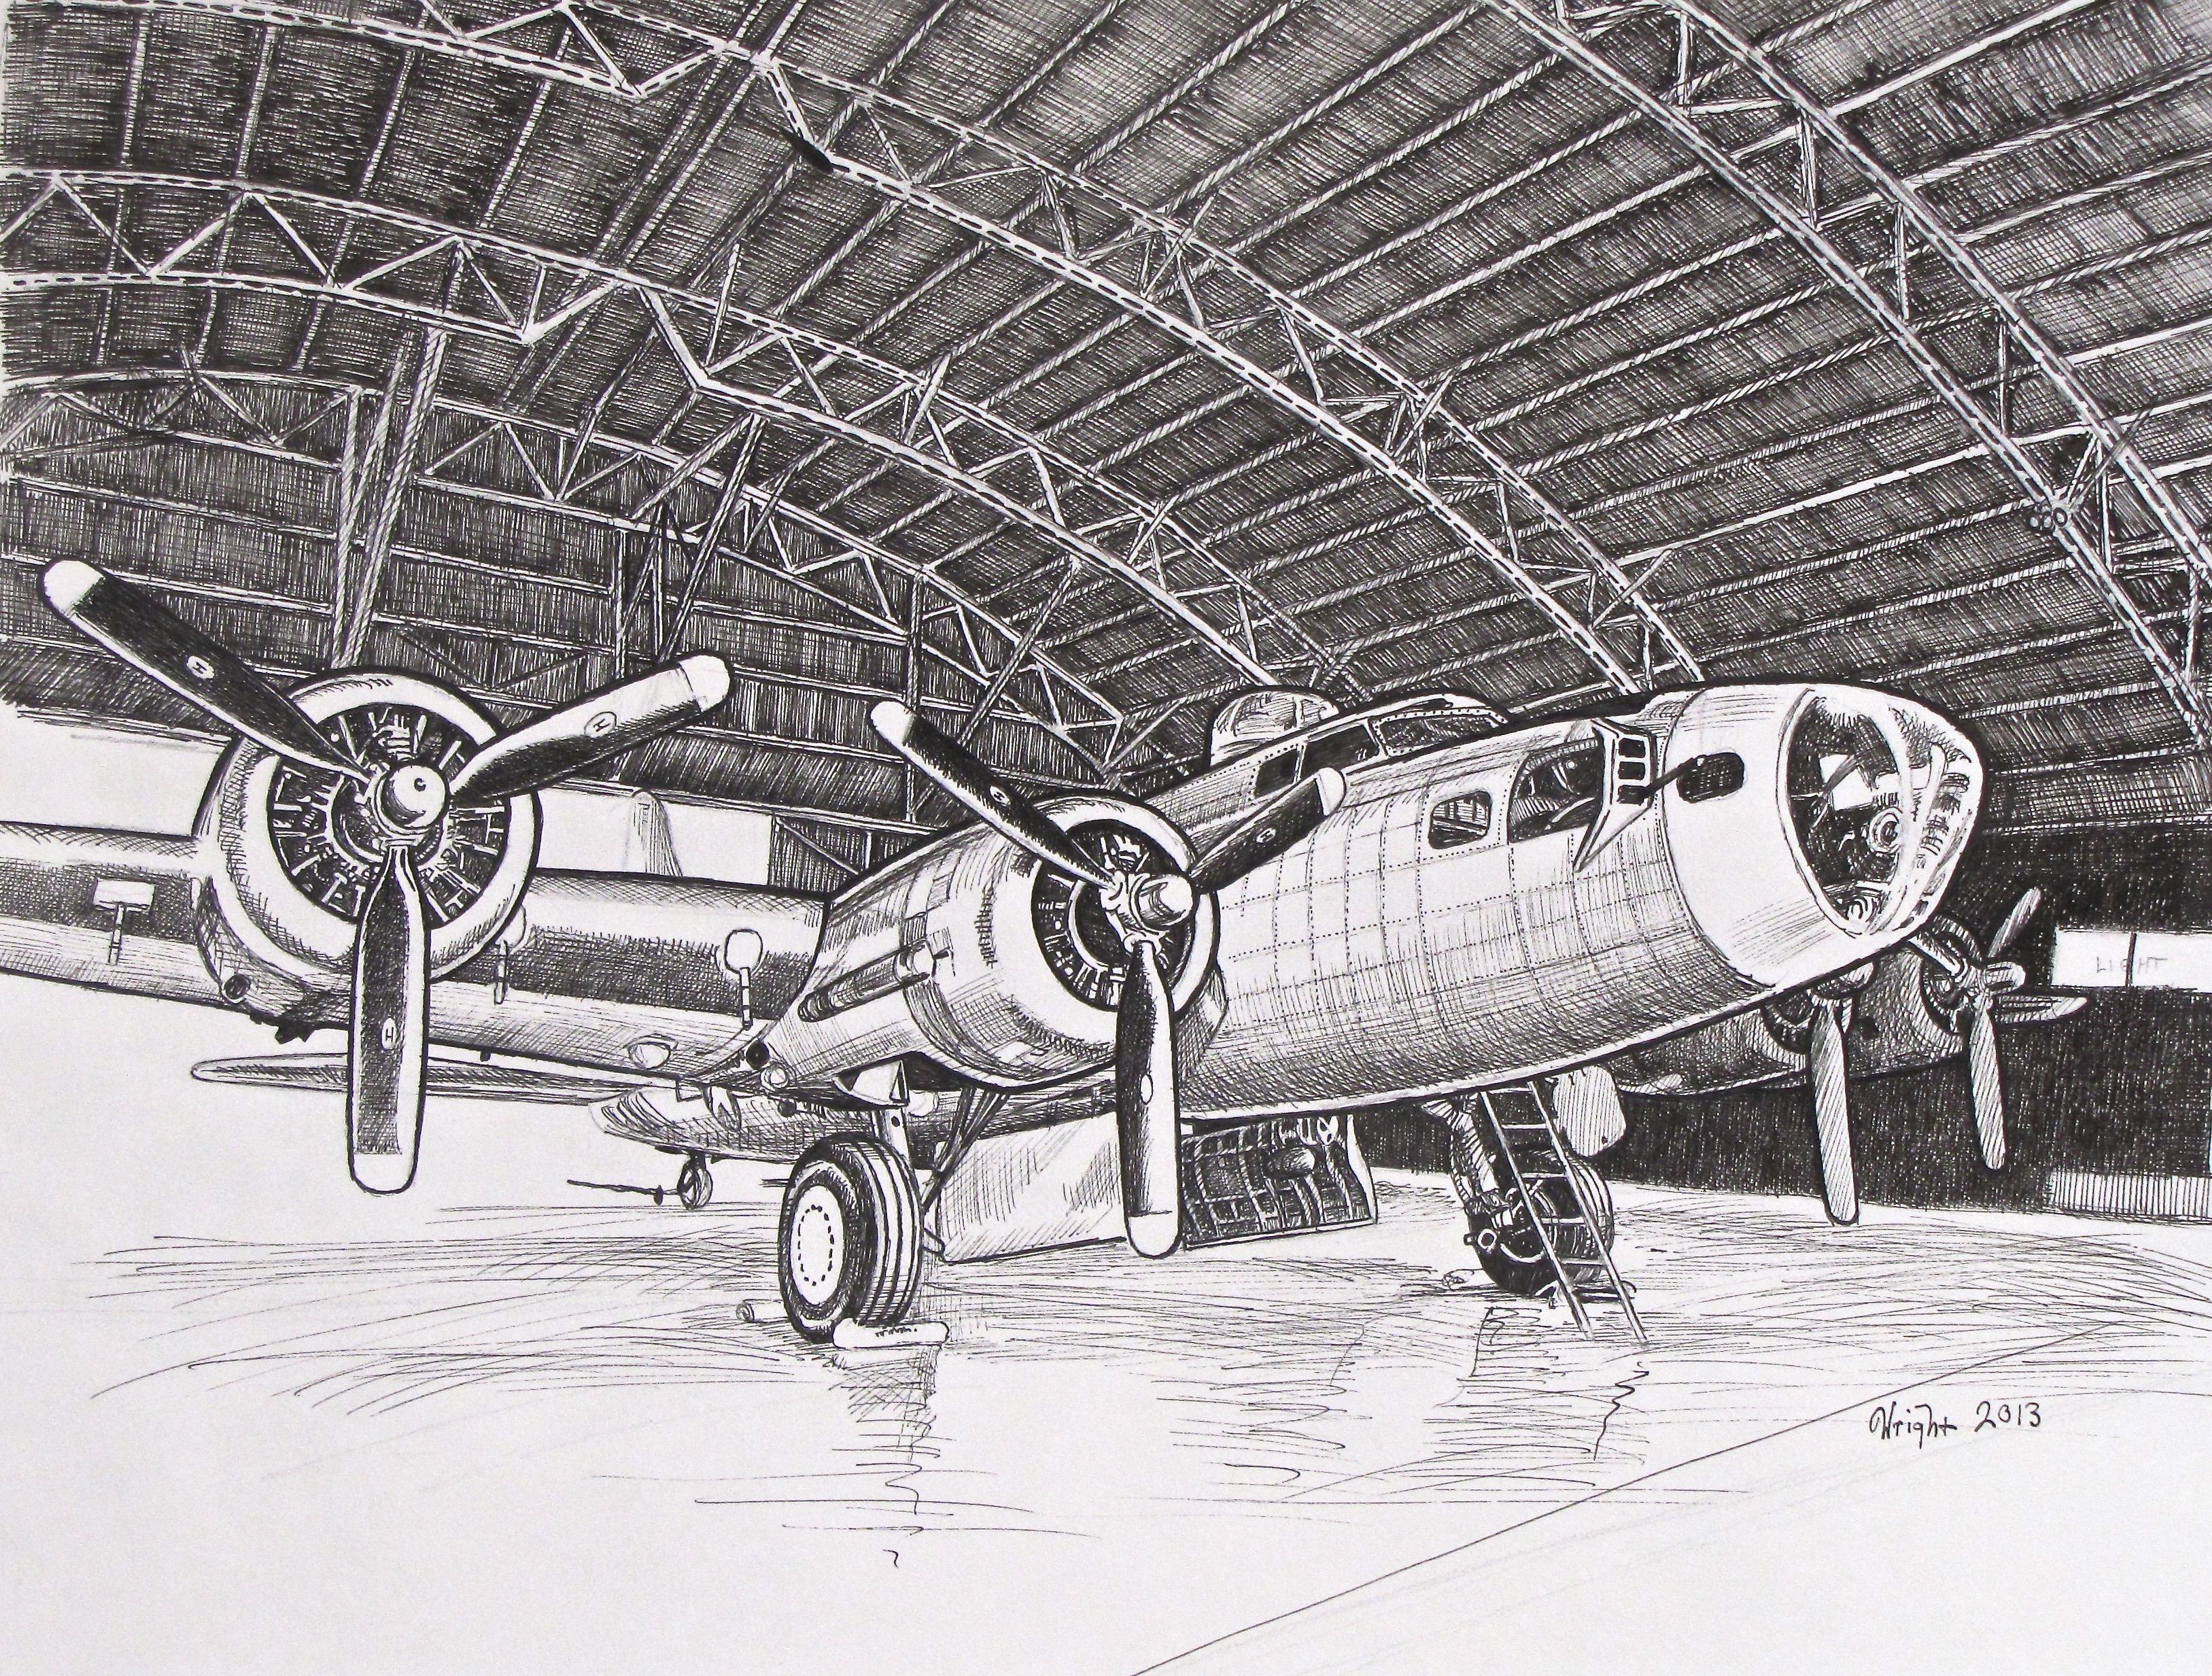 Vintage Flying Museum